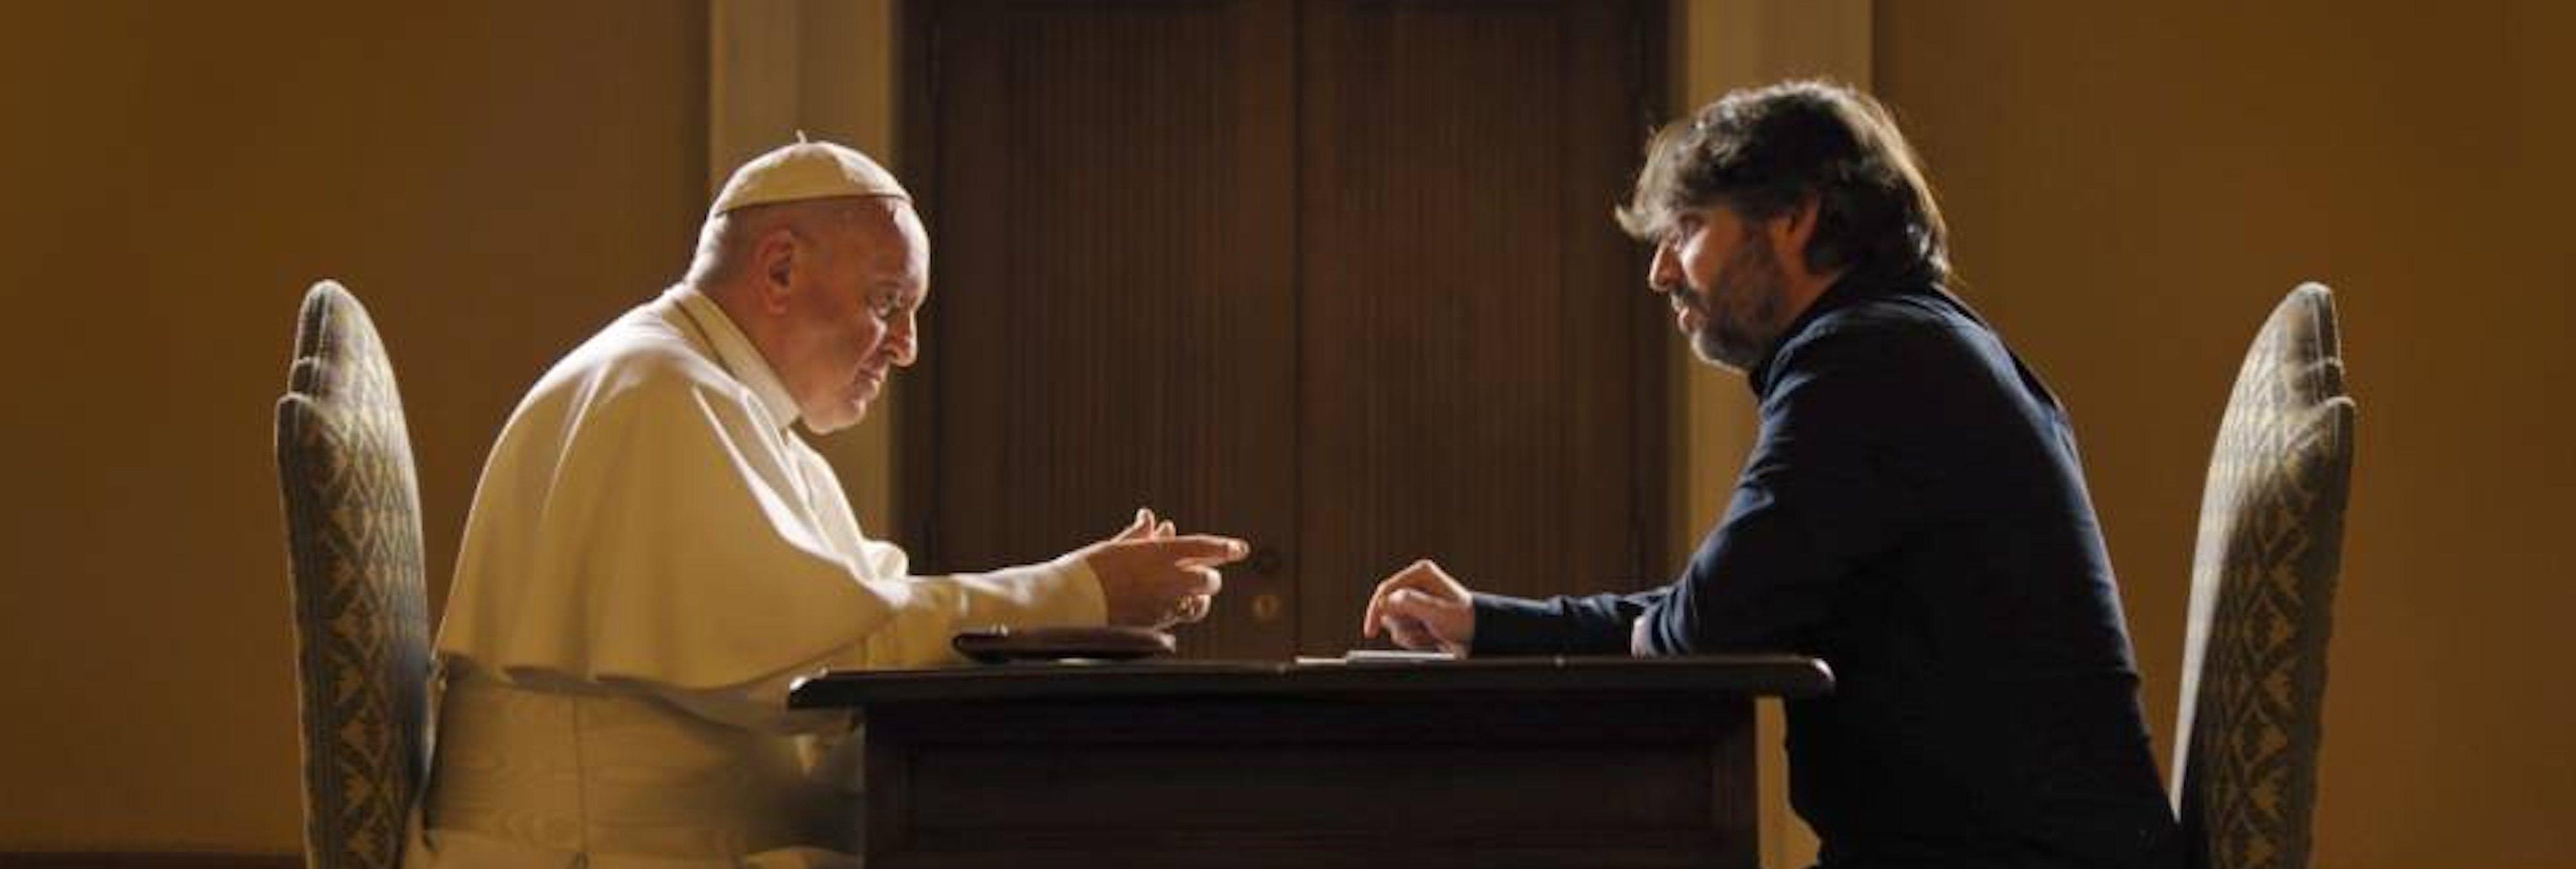 El Papa Francisco opina en 'Salvados' sobre feminismo, homosexualidad, aborto y prostitución